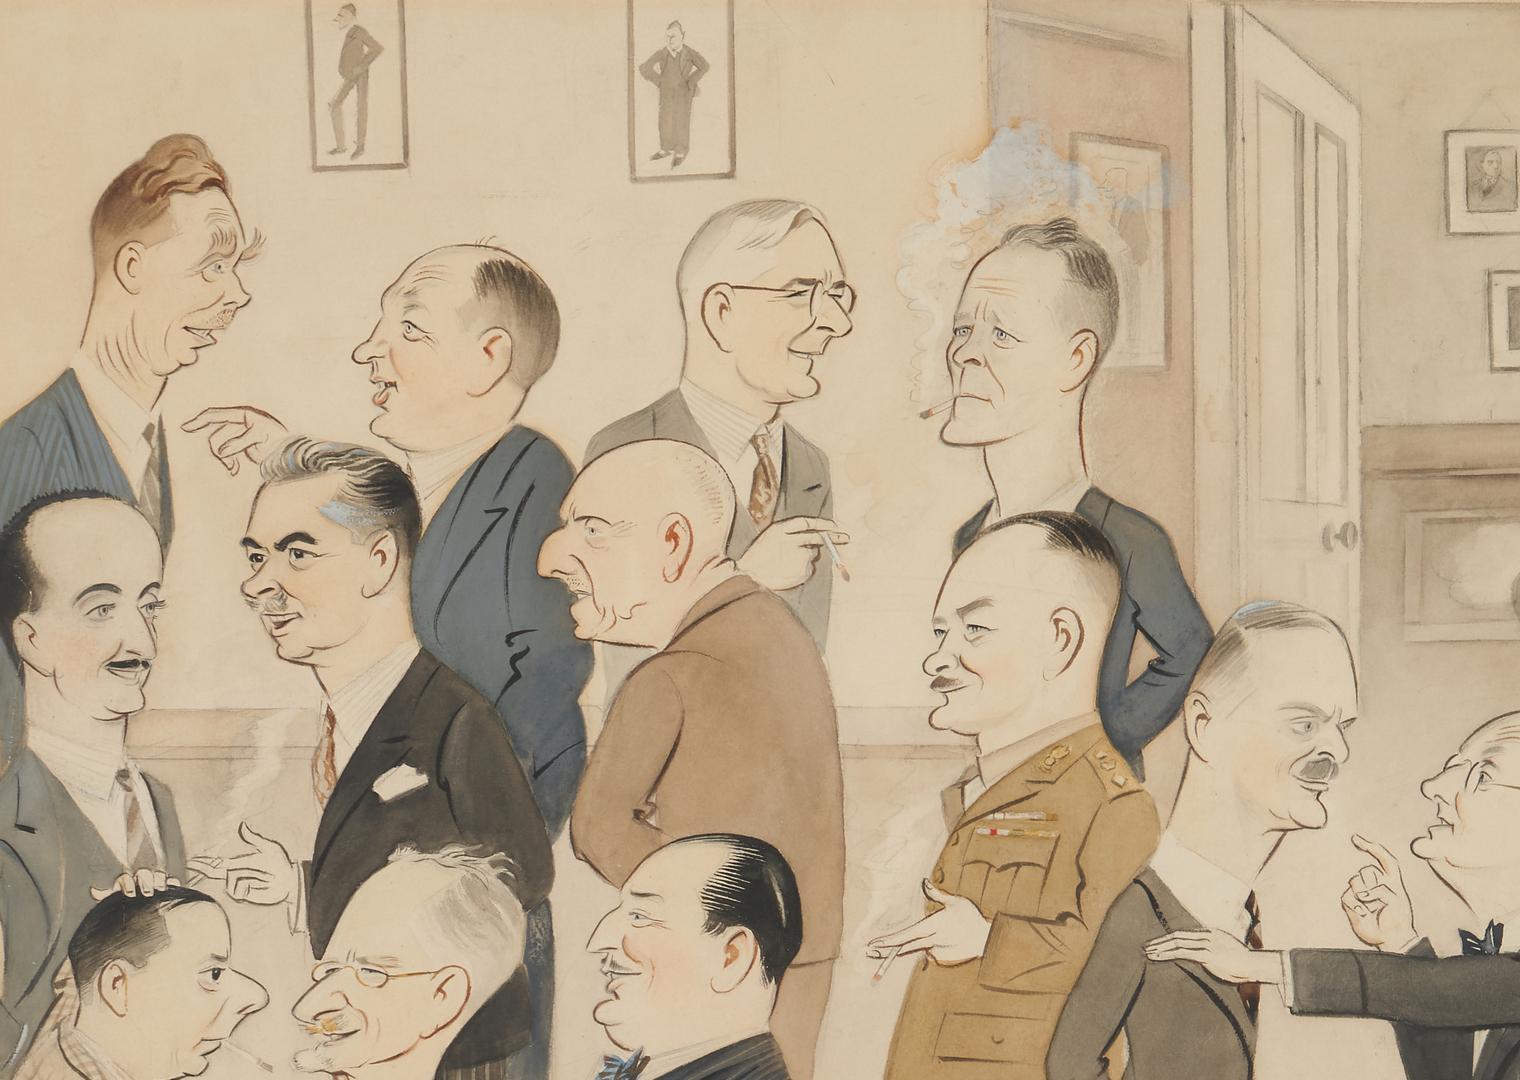 """Lot 626: World War II Era Caricature Illustration, """"Press Club"""""""